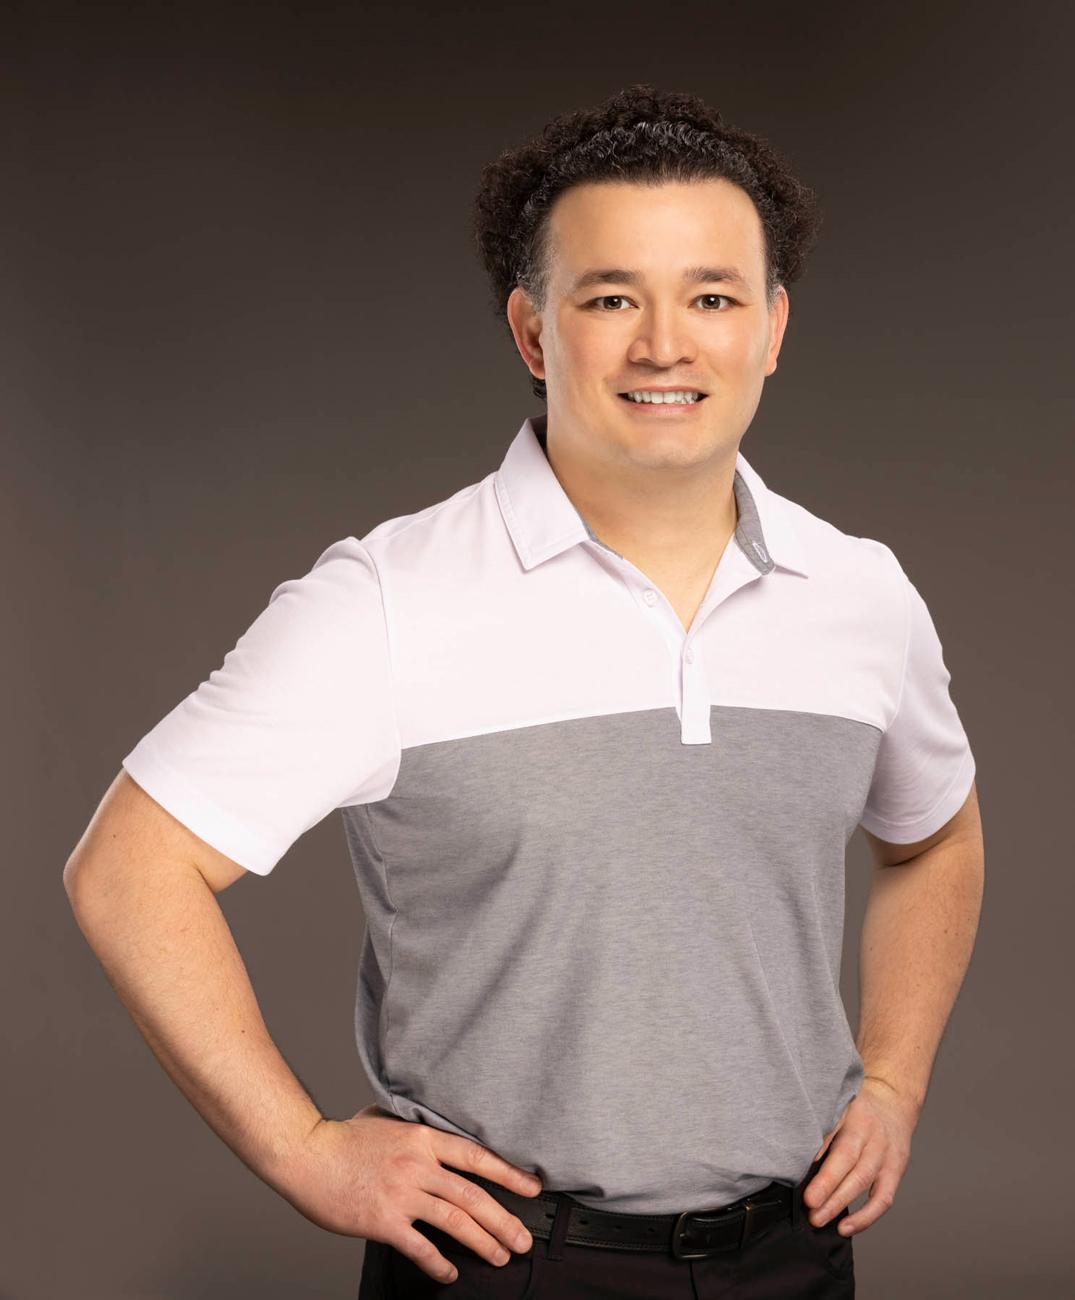 Dr. Daniel Dela Cruz